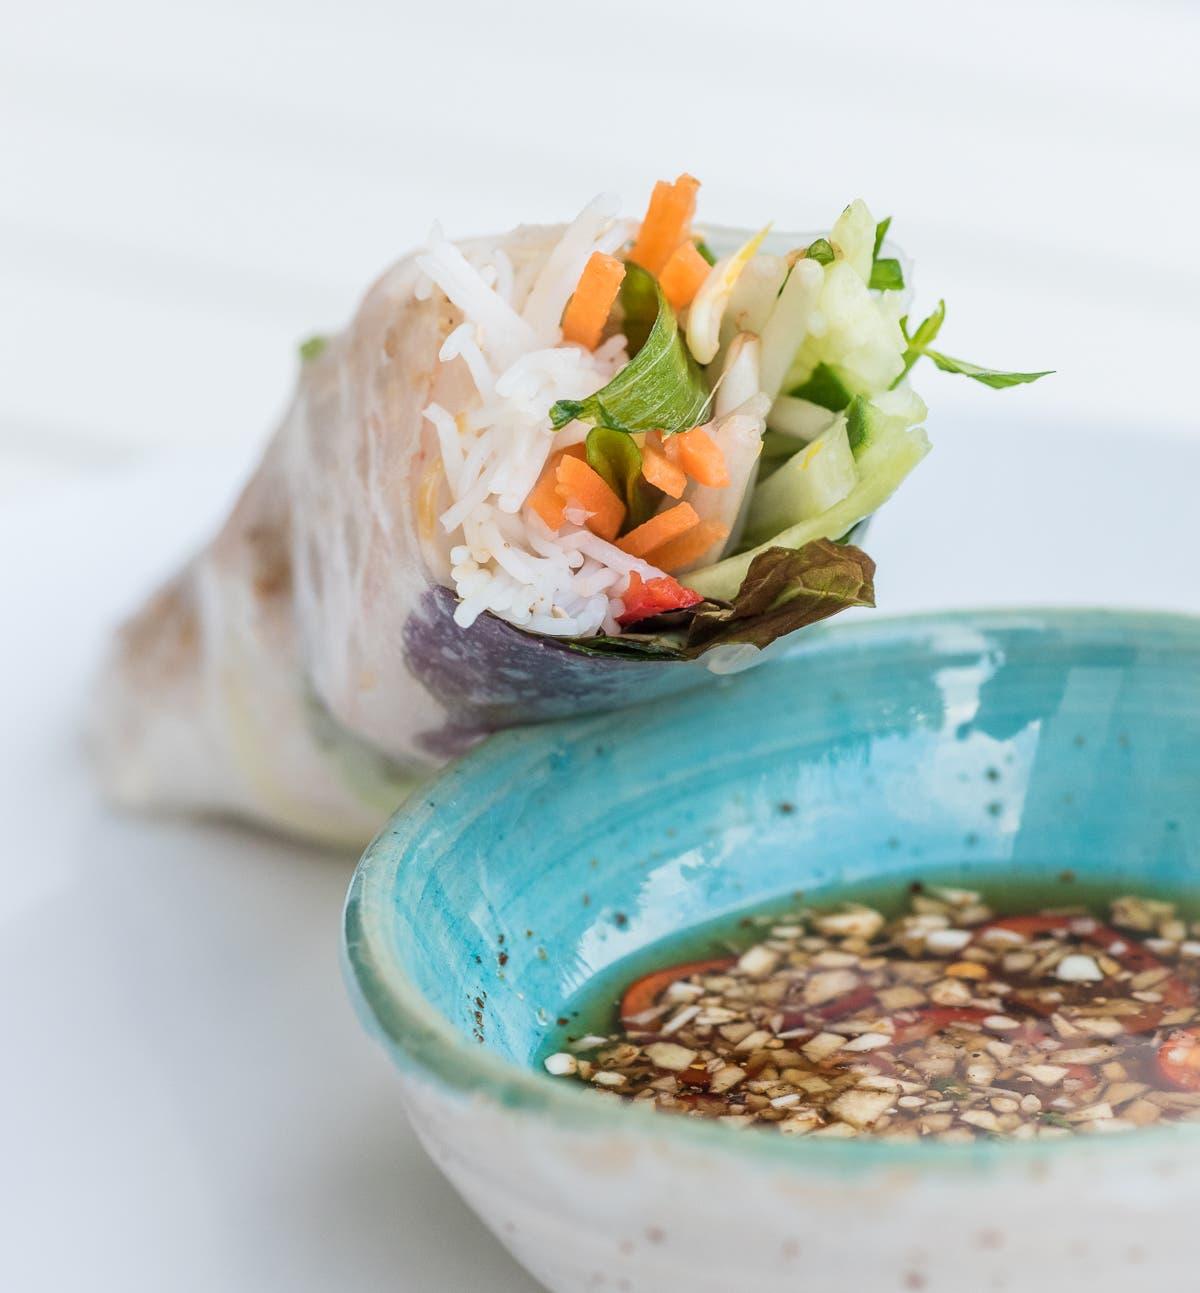 Sommerrollen mit Reis und Gemüse | Wie du vietnamesische Sommerrollen ganz einfach zuhause machst (inkl. Dipp)!